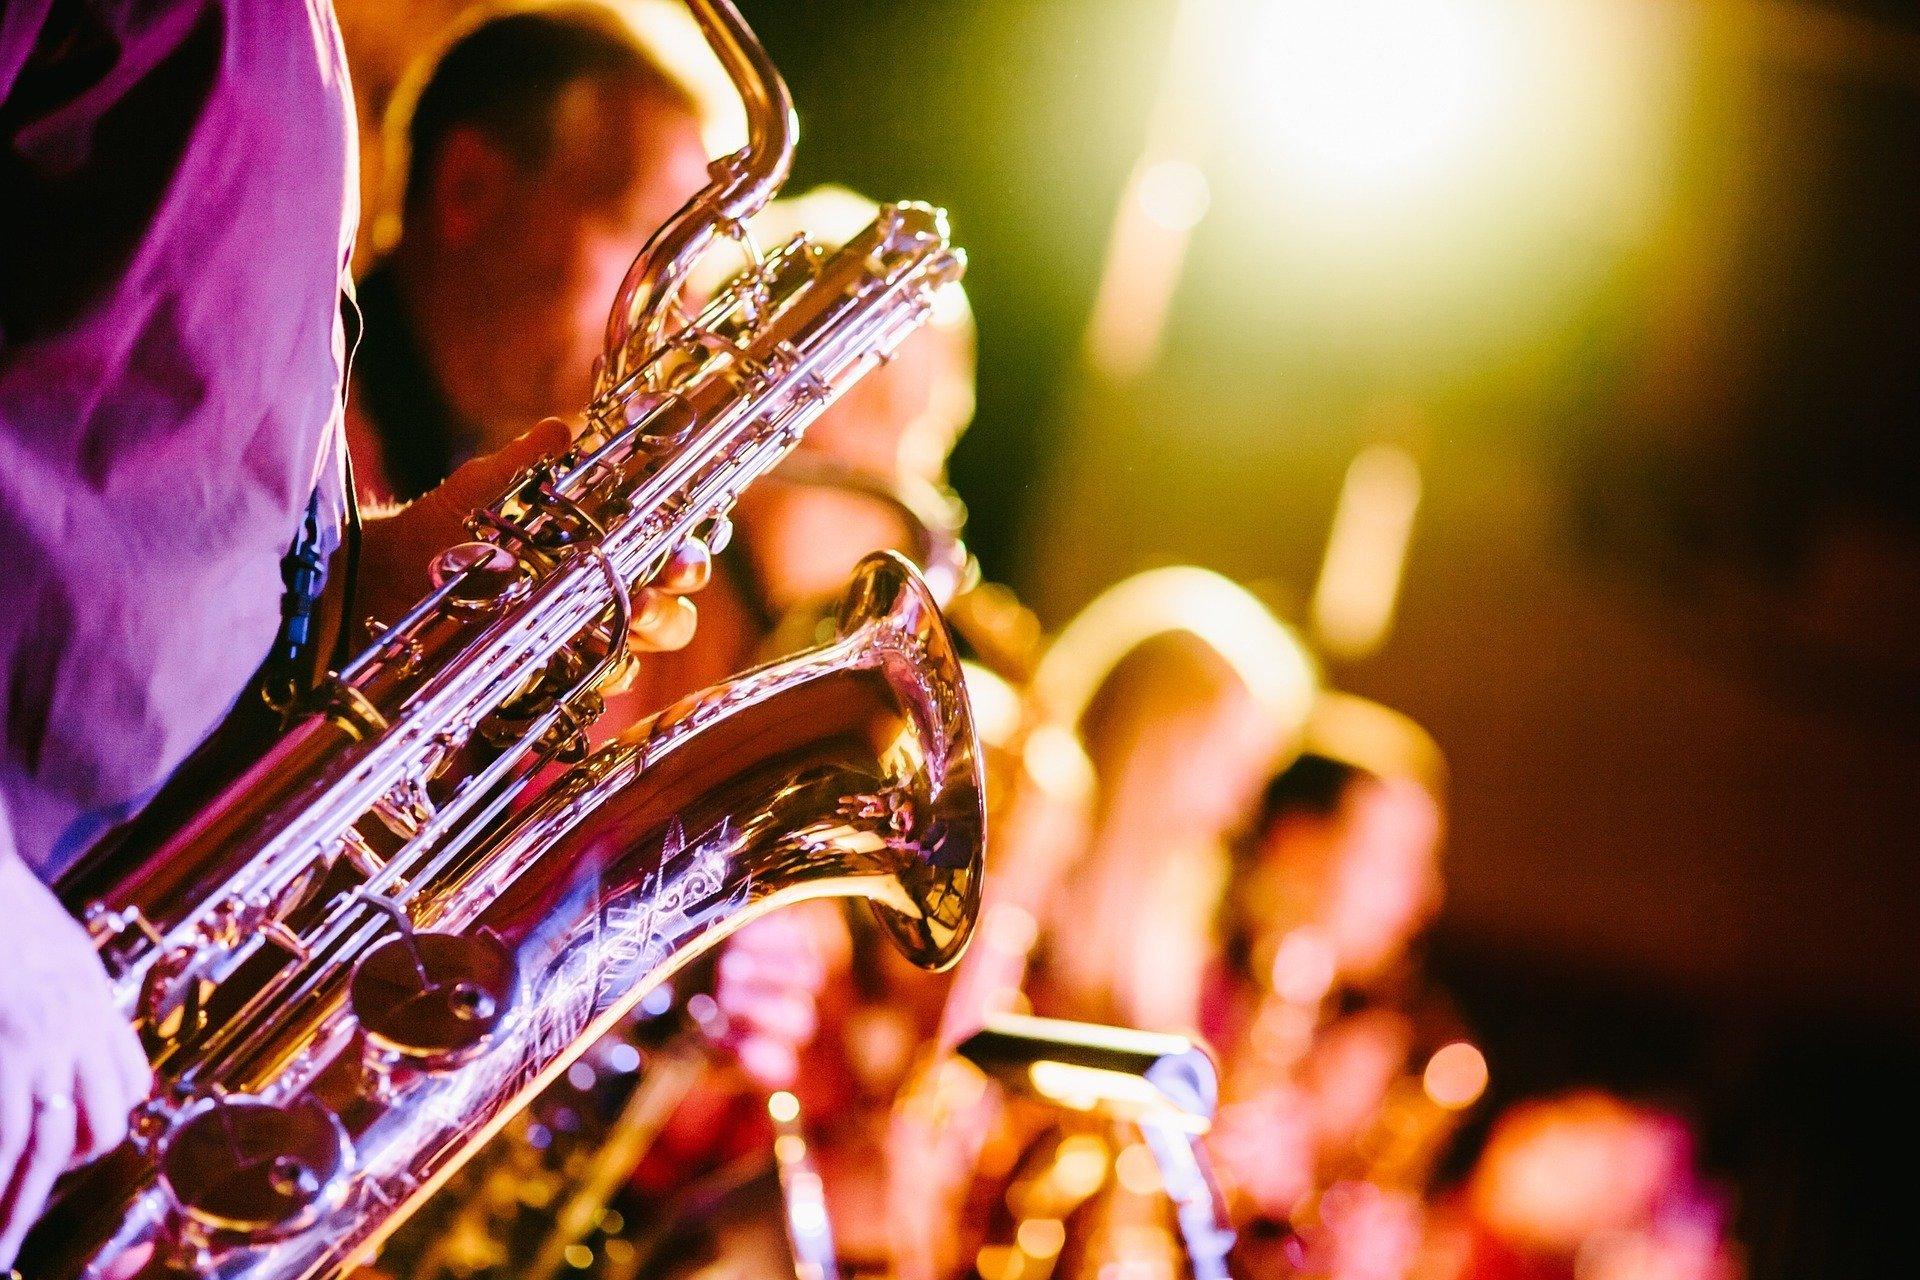 Orquestra desfocada, dando destaque a pessoa com saxofone